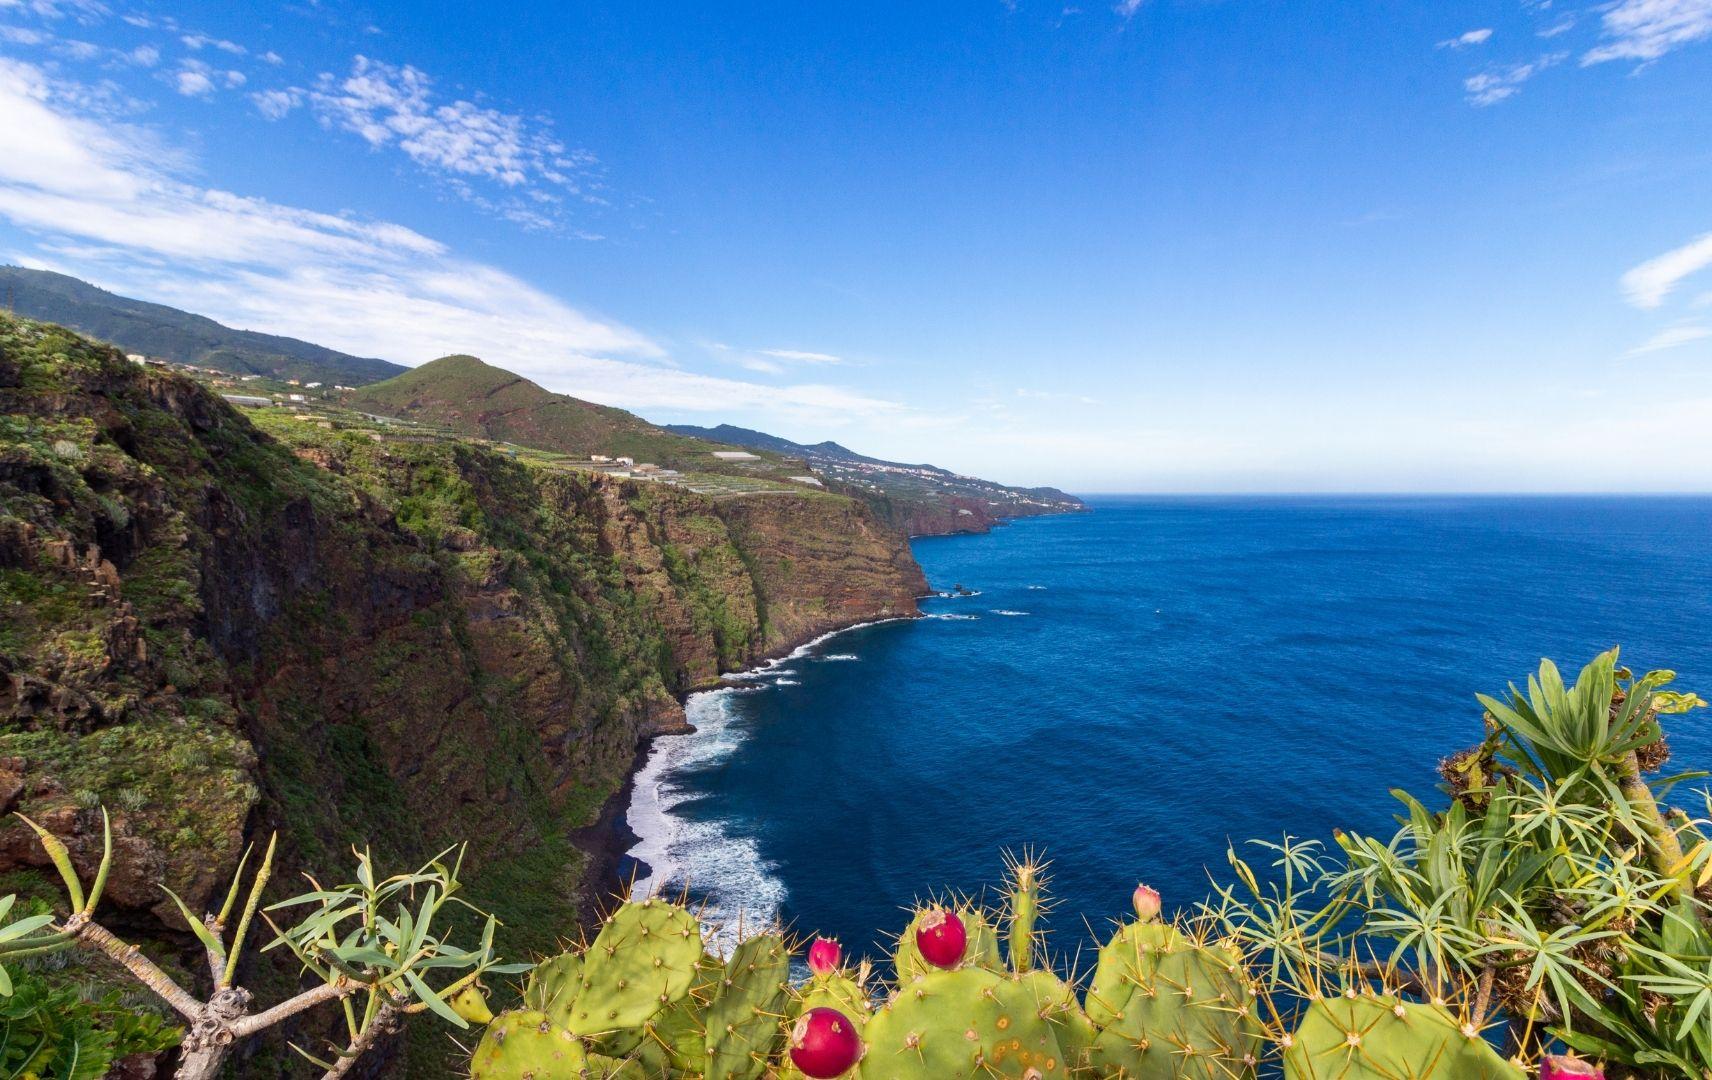 Kanaren - La Palma, Berg und Meer